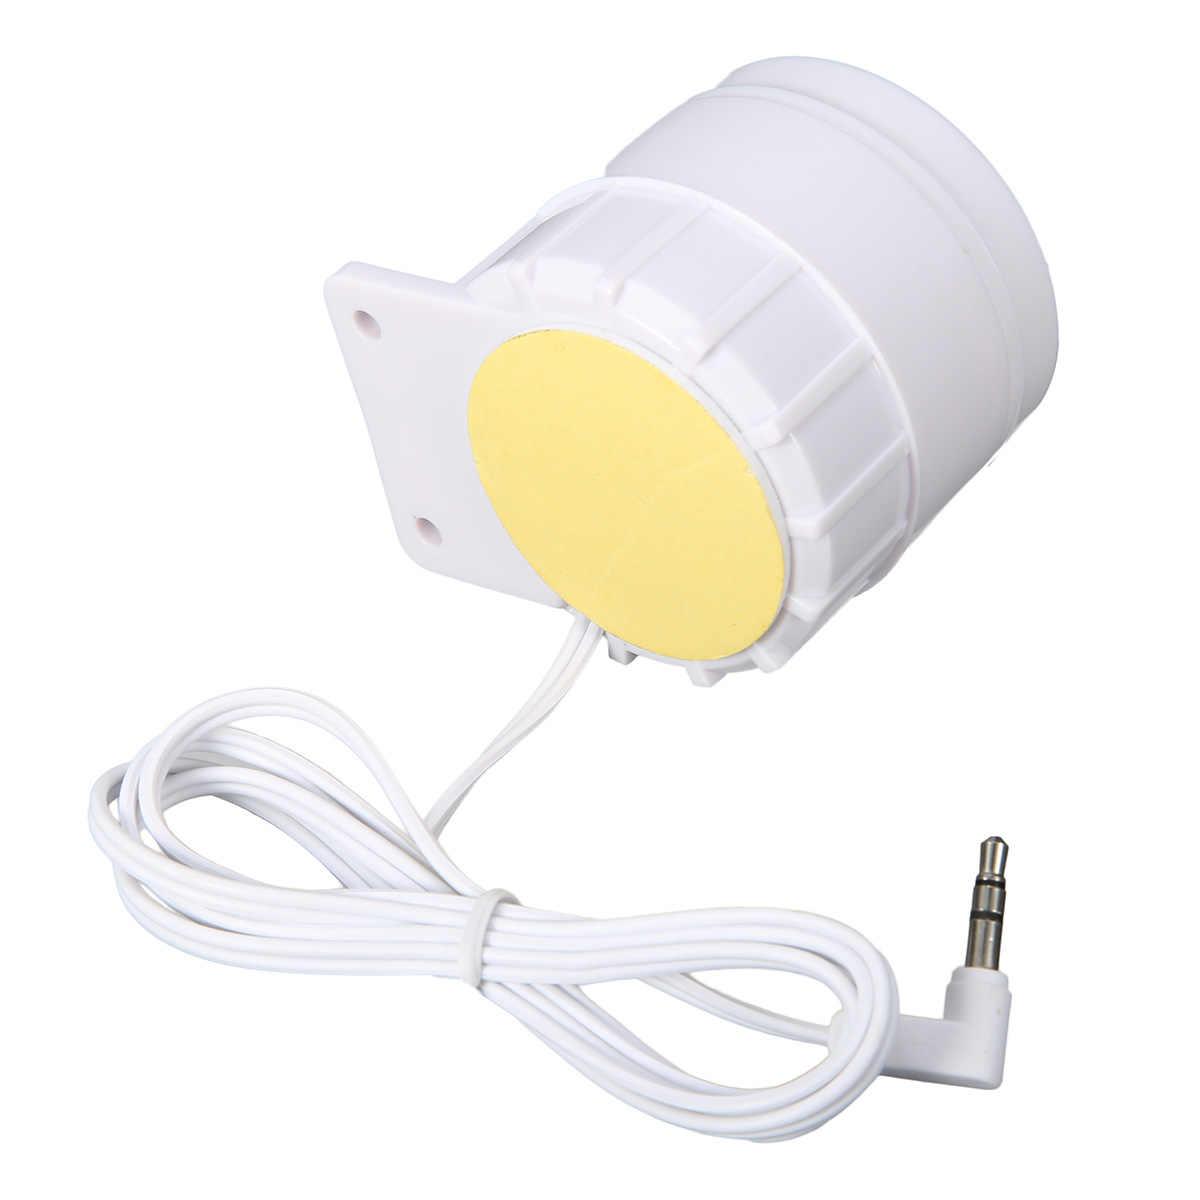 Digoo-batterie externe sécurité 433MHz | Kit de sirène d'alarme filaire 3.5mm 15W 12DC pour maison intelligente, système d'alarme de sécurité